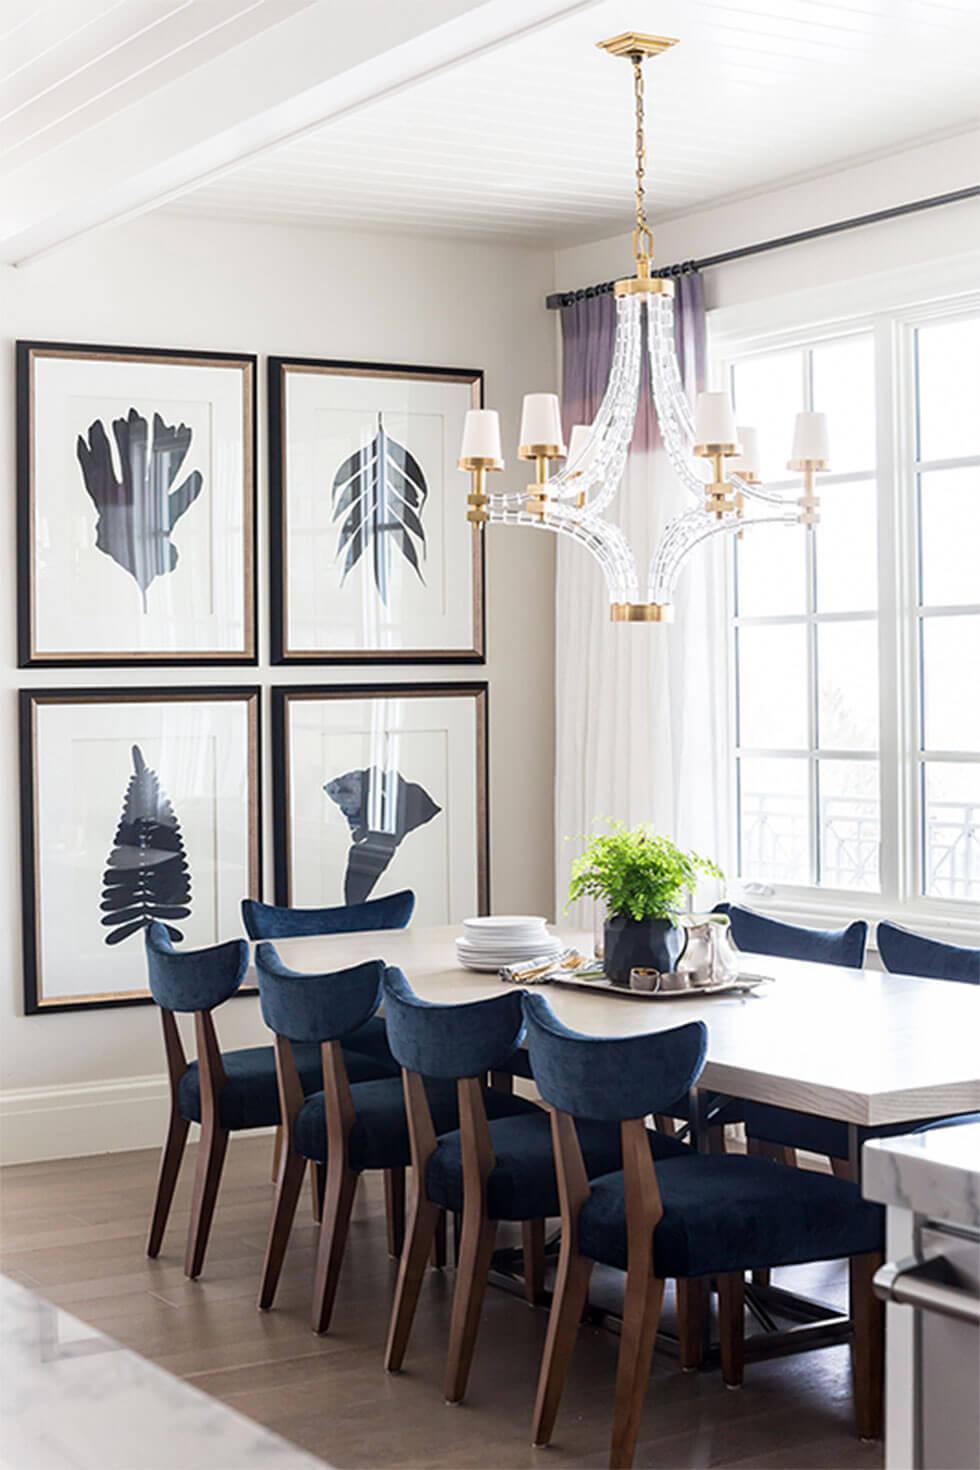 Elegant dining room with framed prints